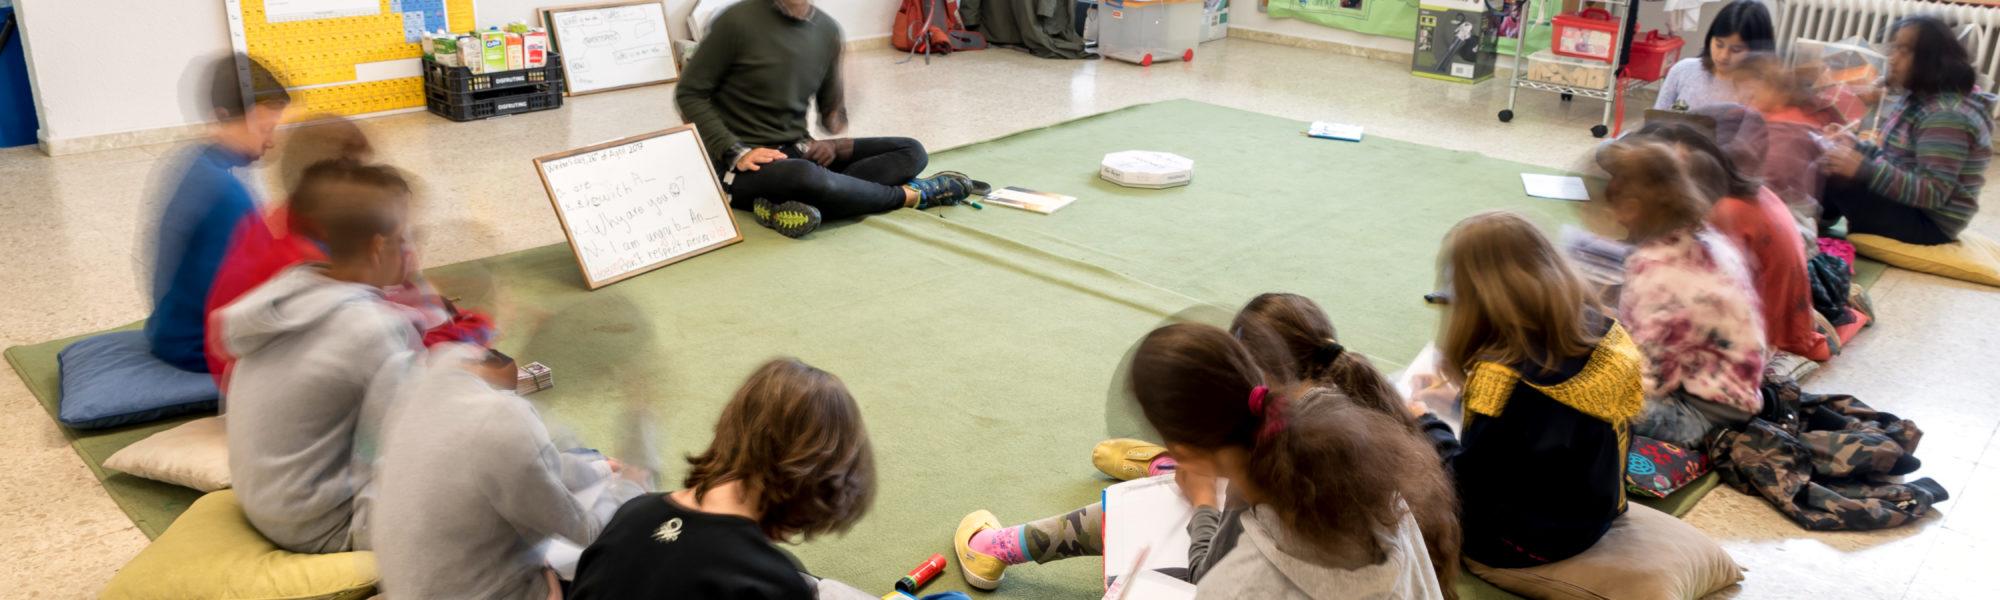 Aula amb nens asseguts en rotllana